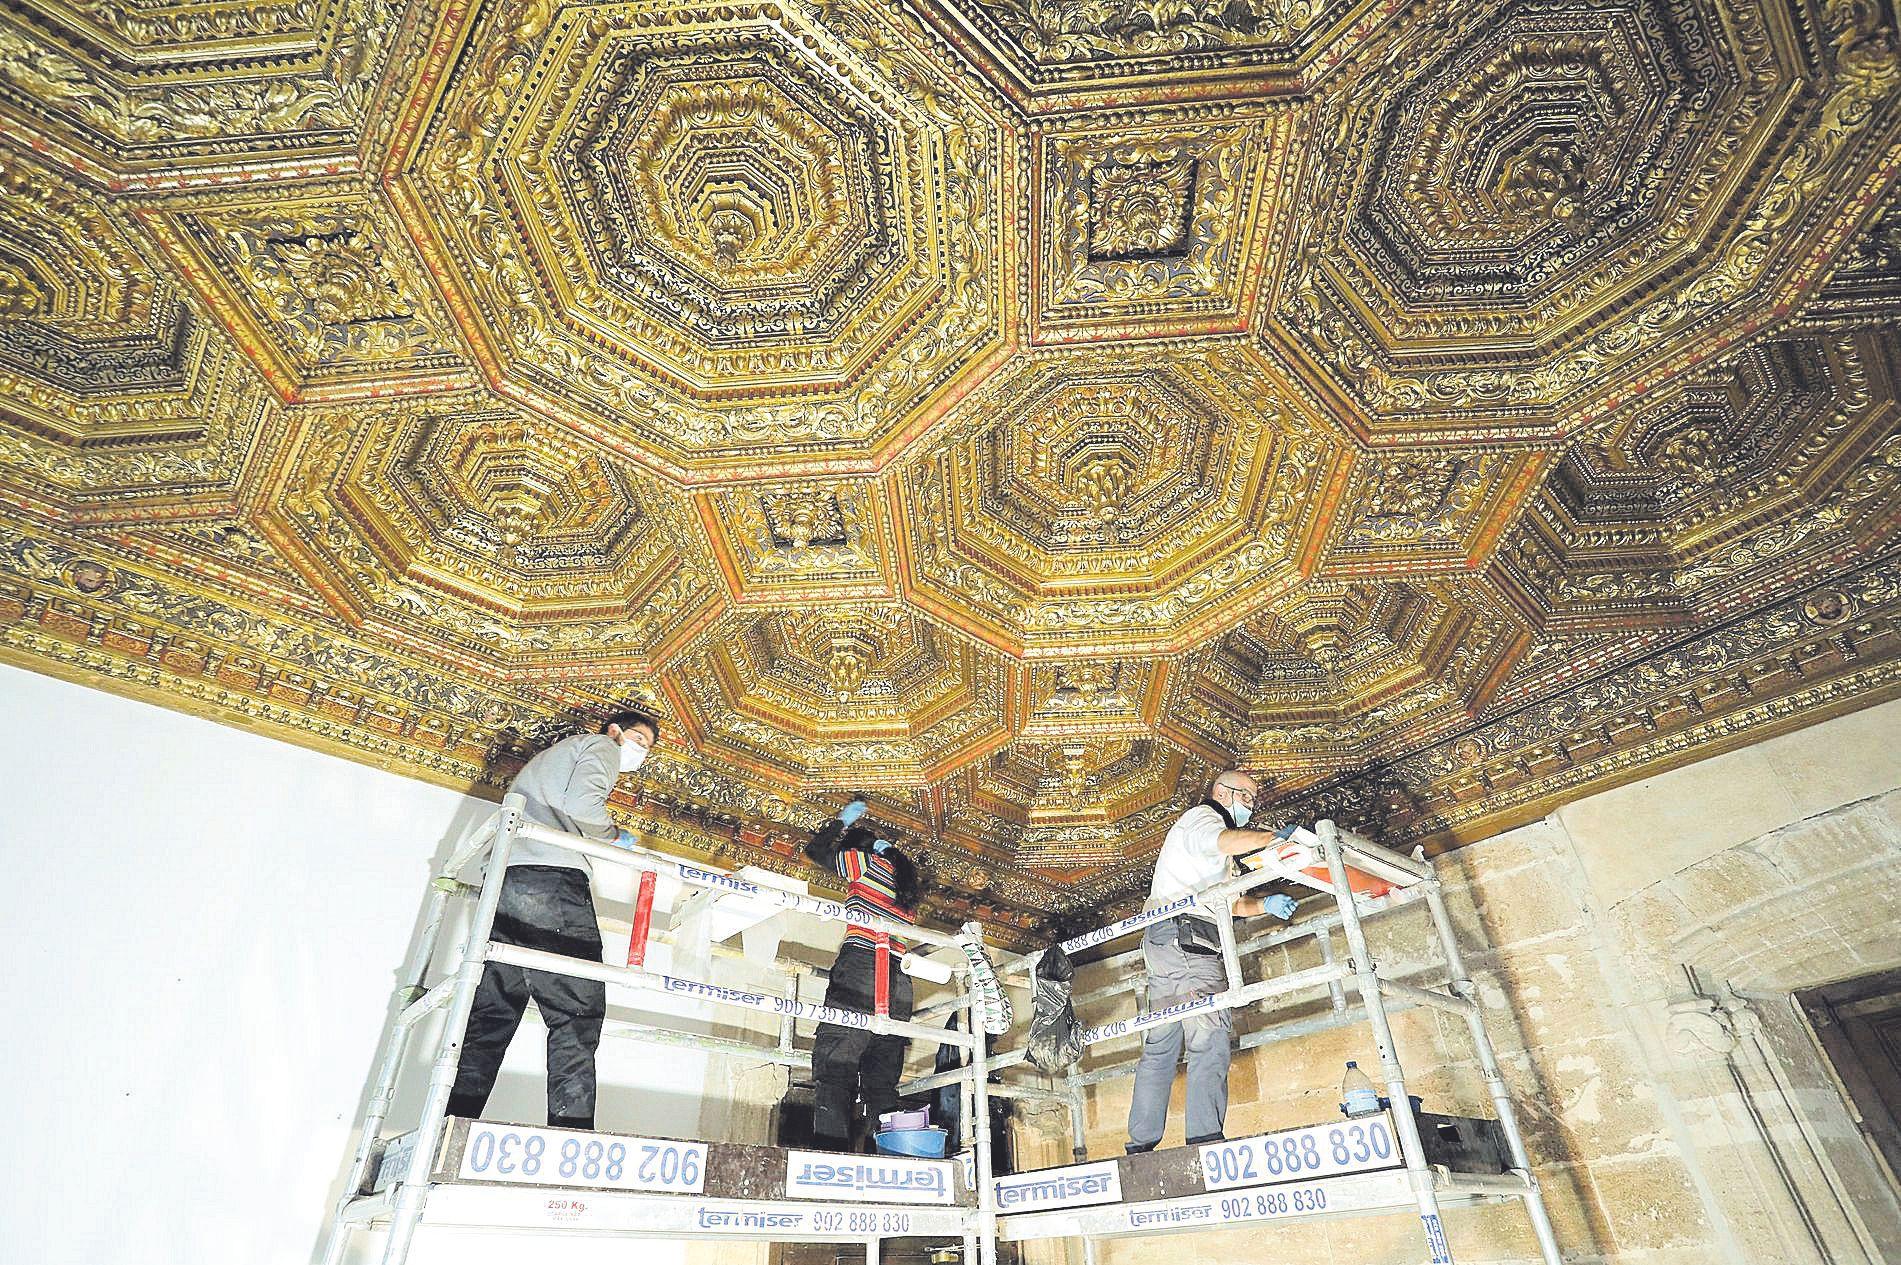 La sala Xica del Palau recupera su esplendor